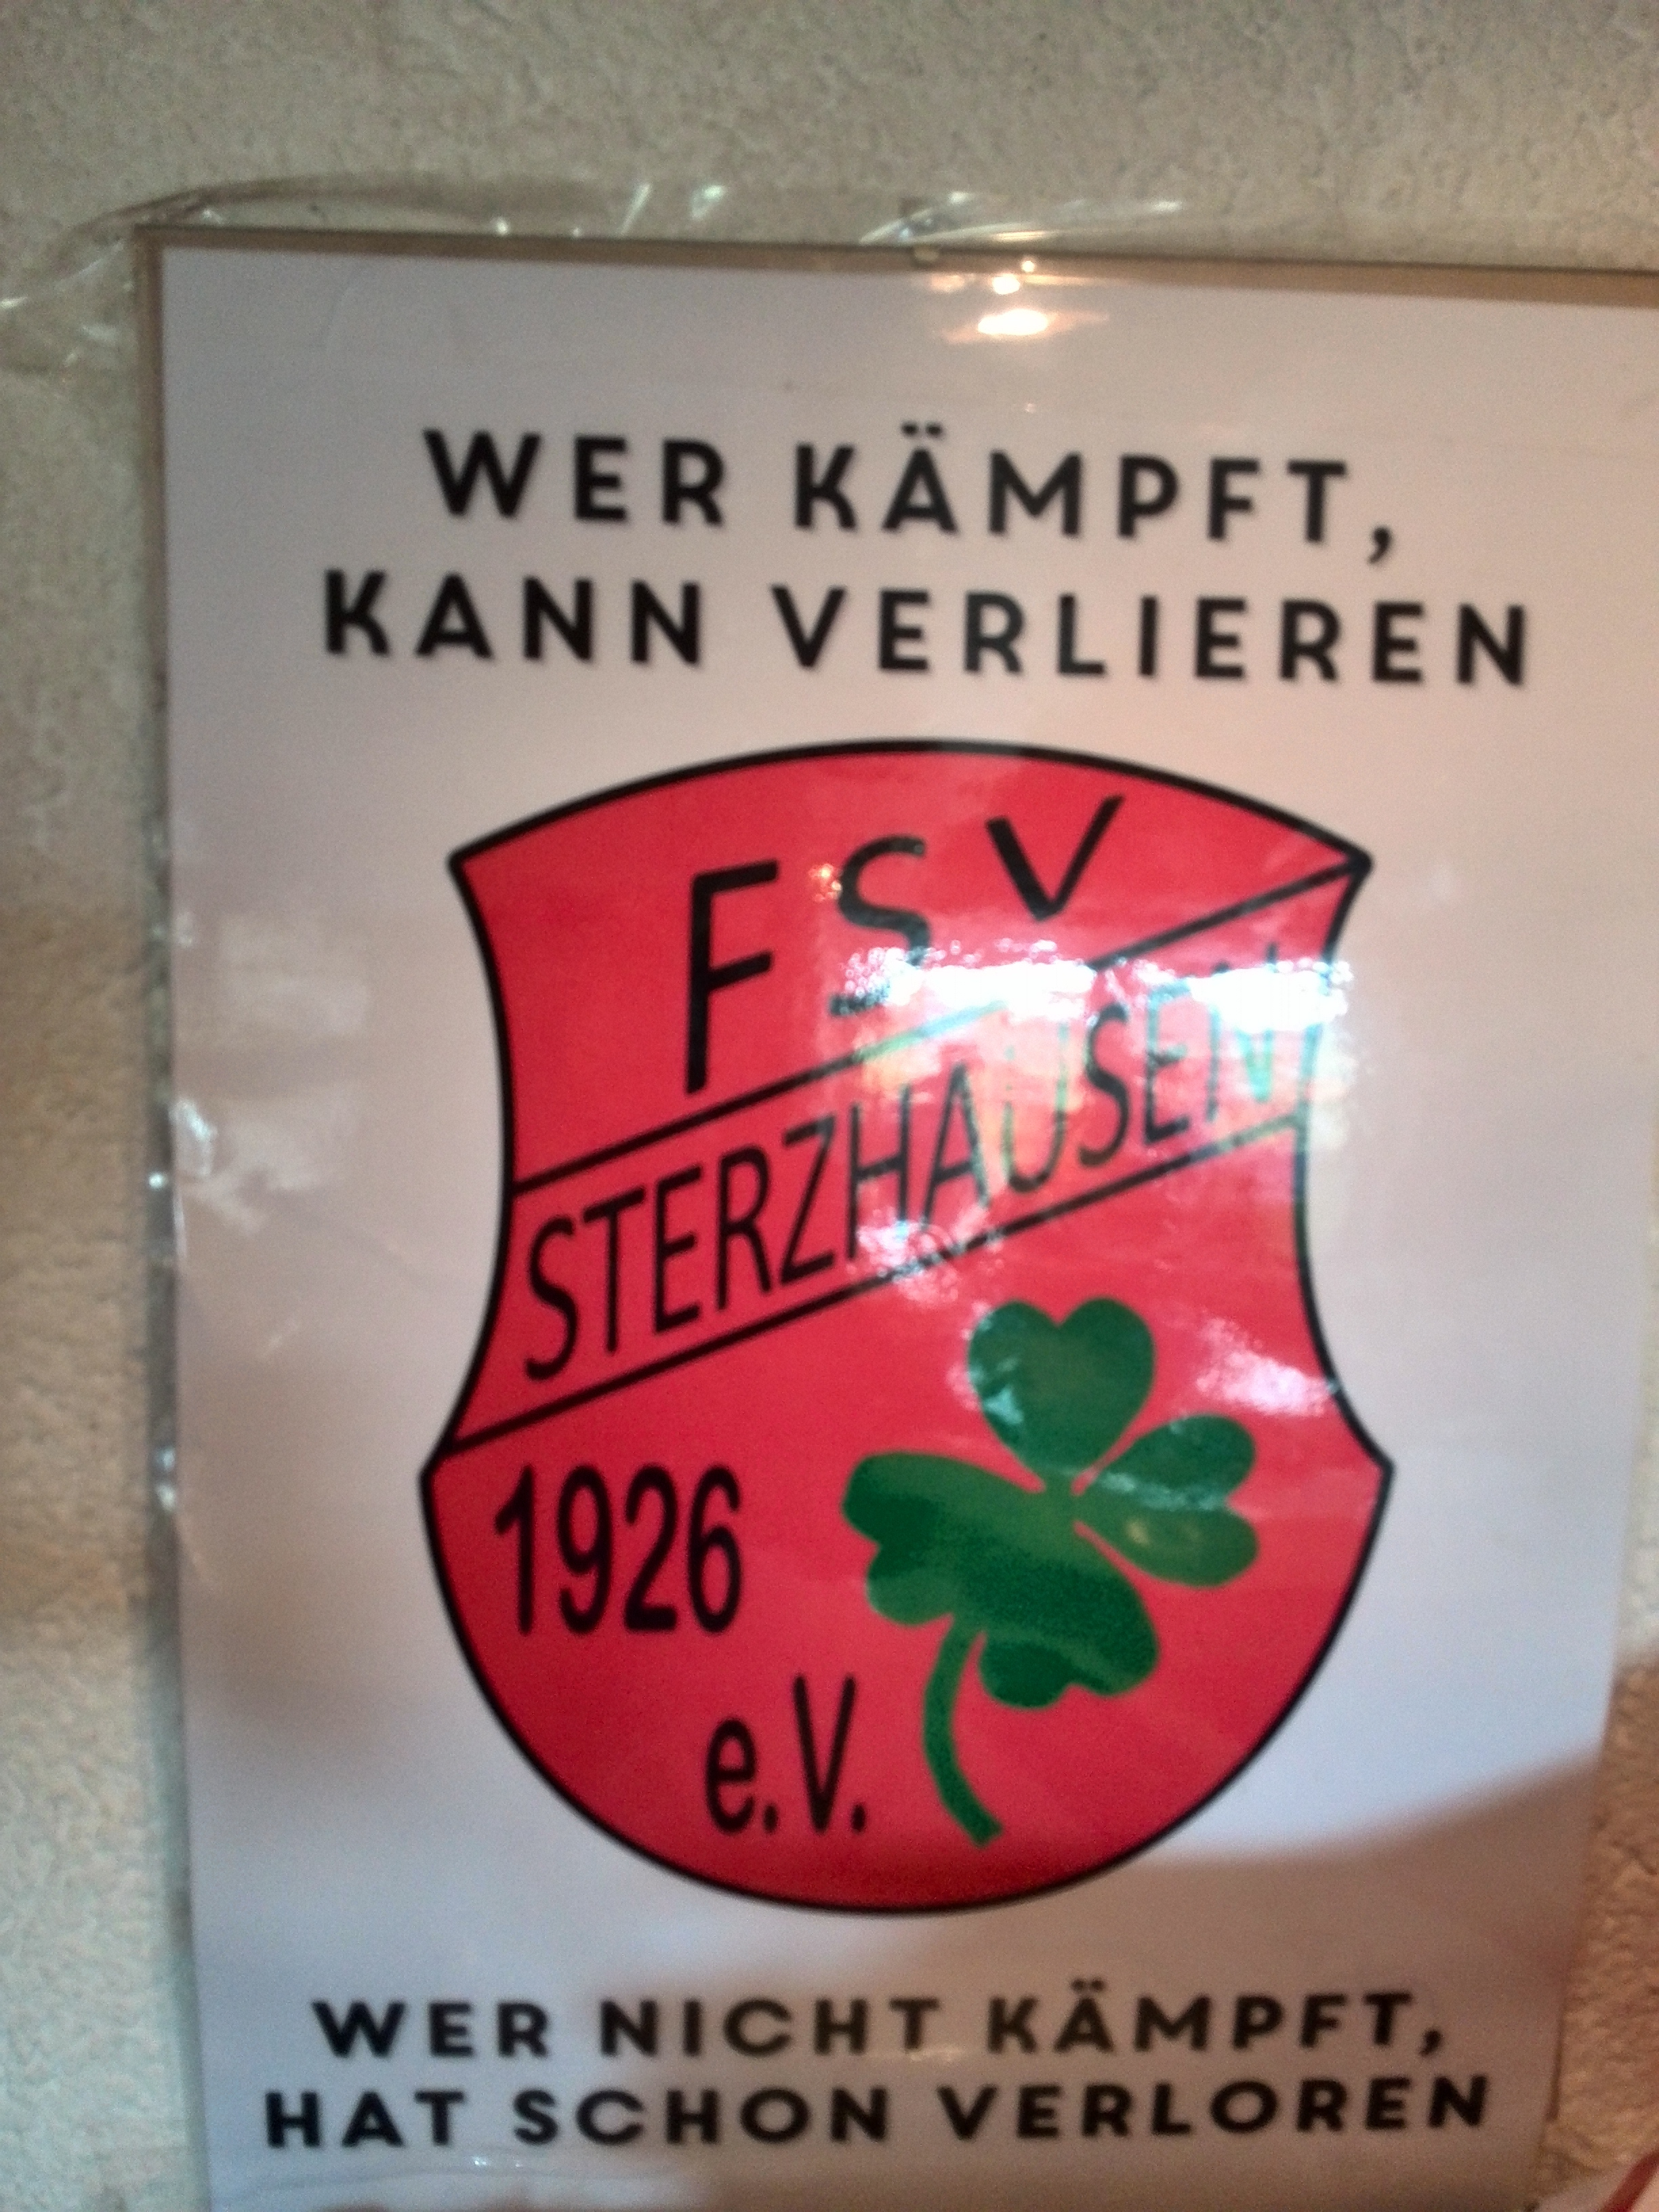 FSV Sterzhausen